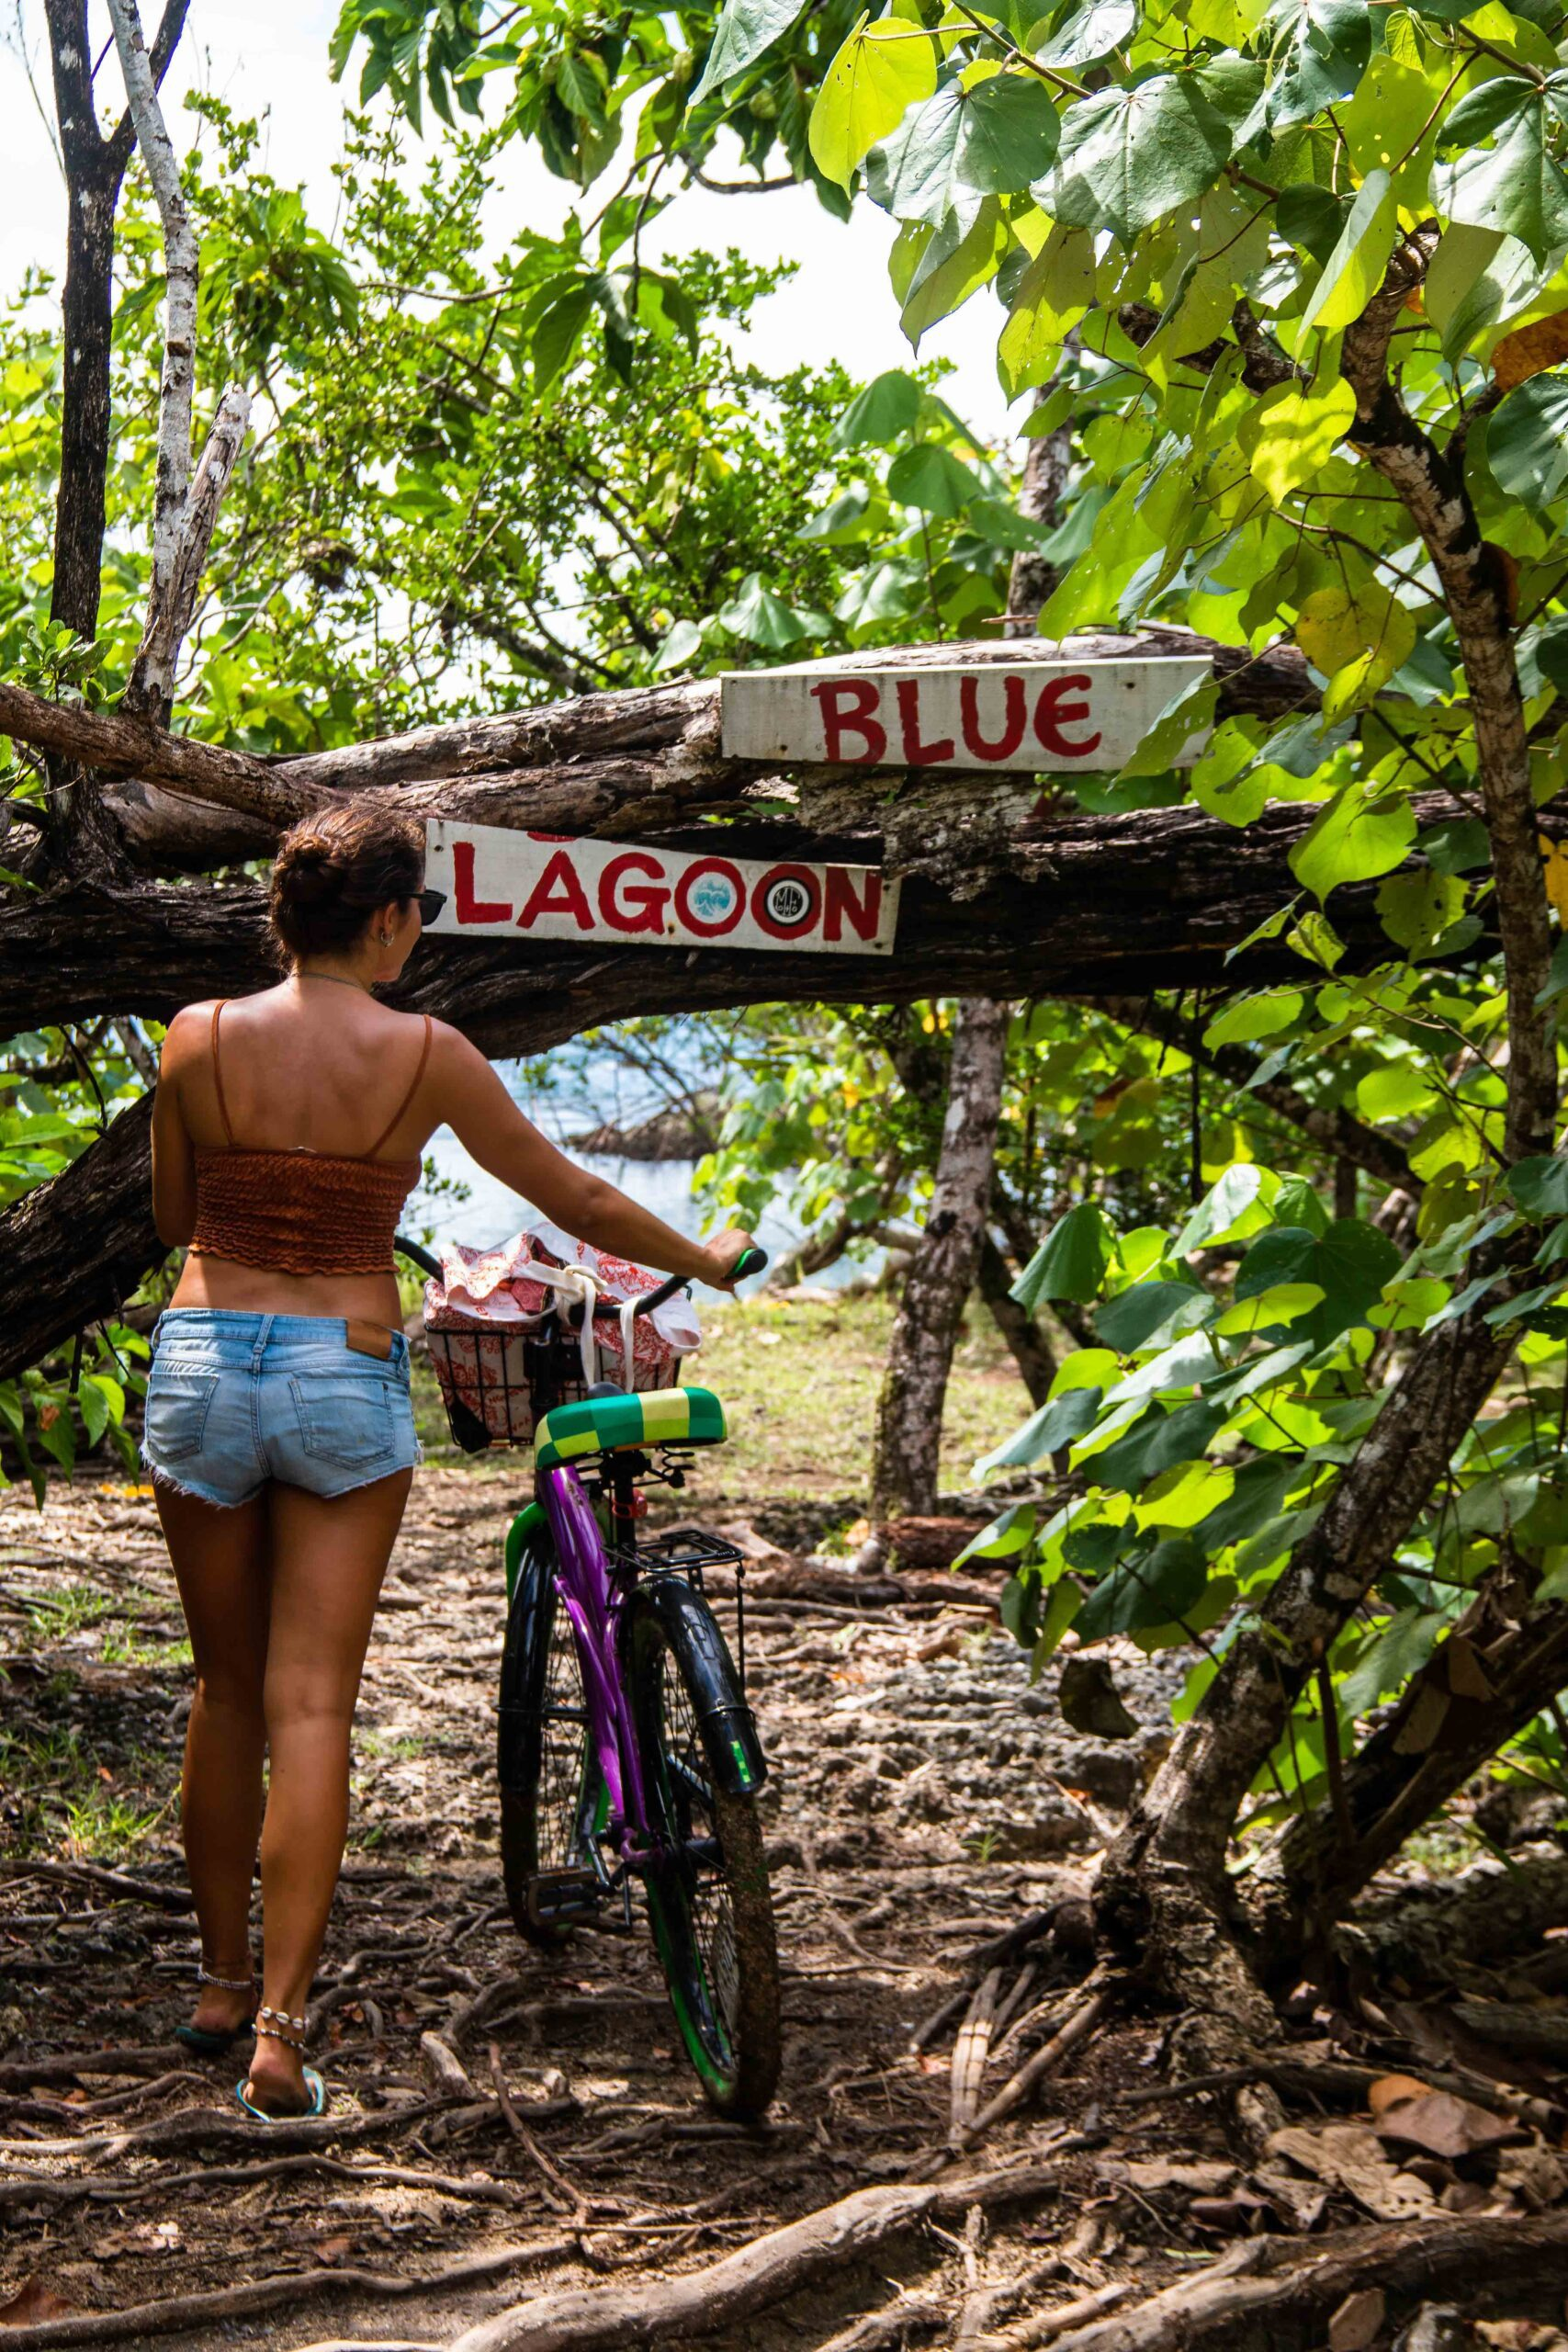 Blue lagoon Bocas del Toro